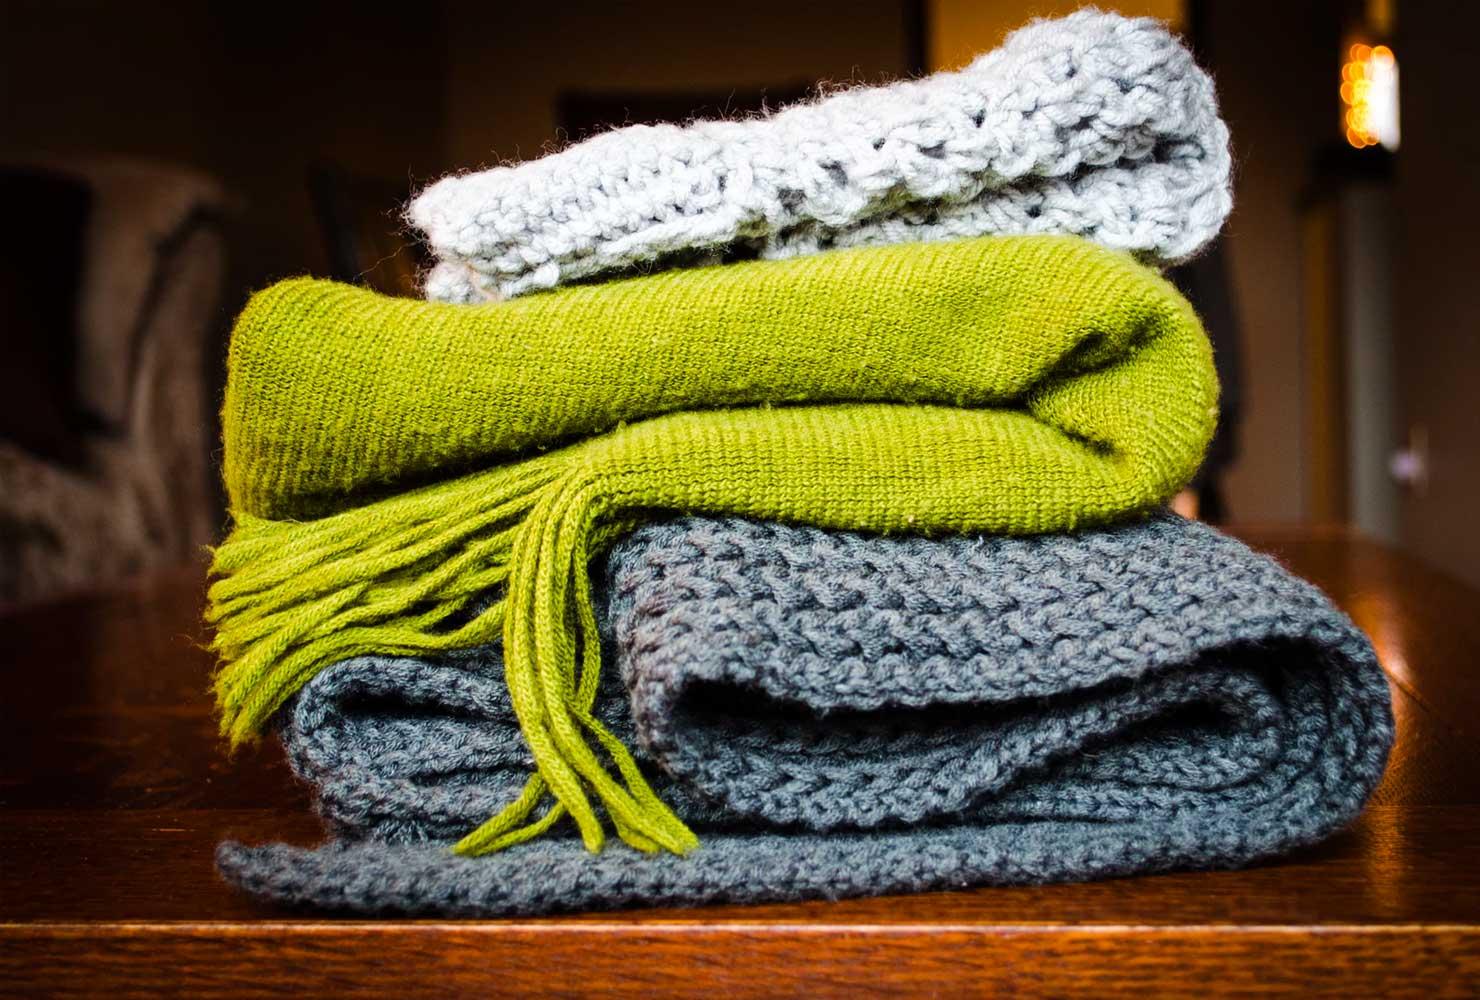 Handknit blankets.